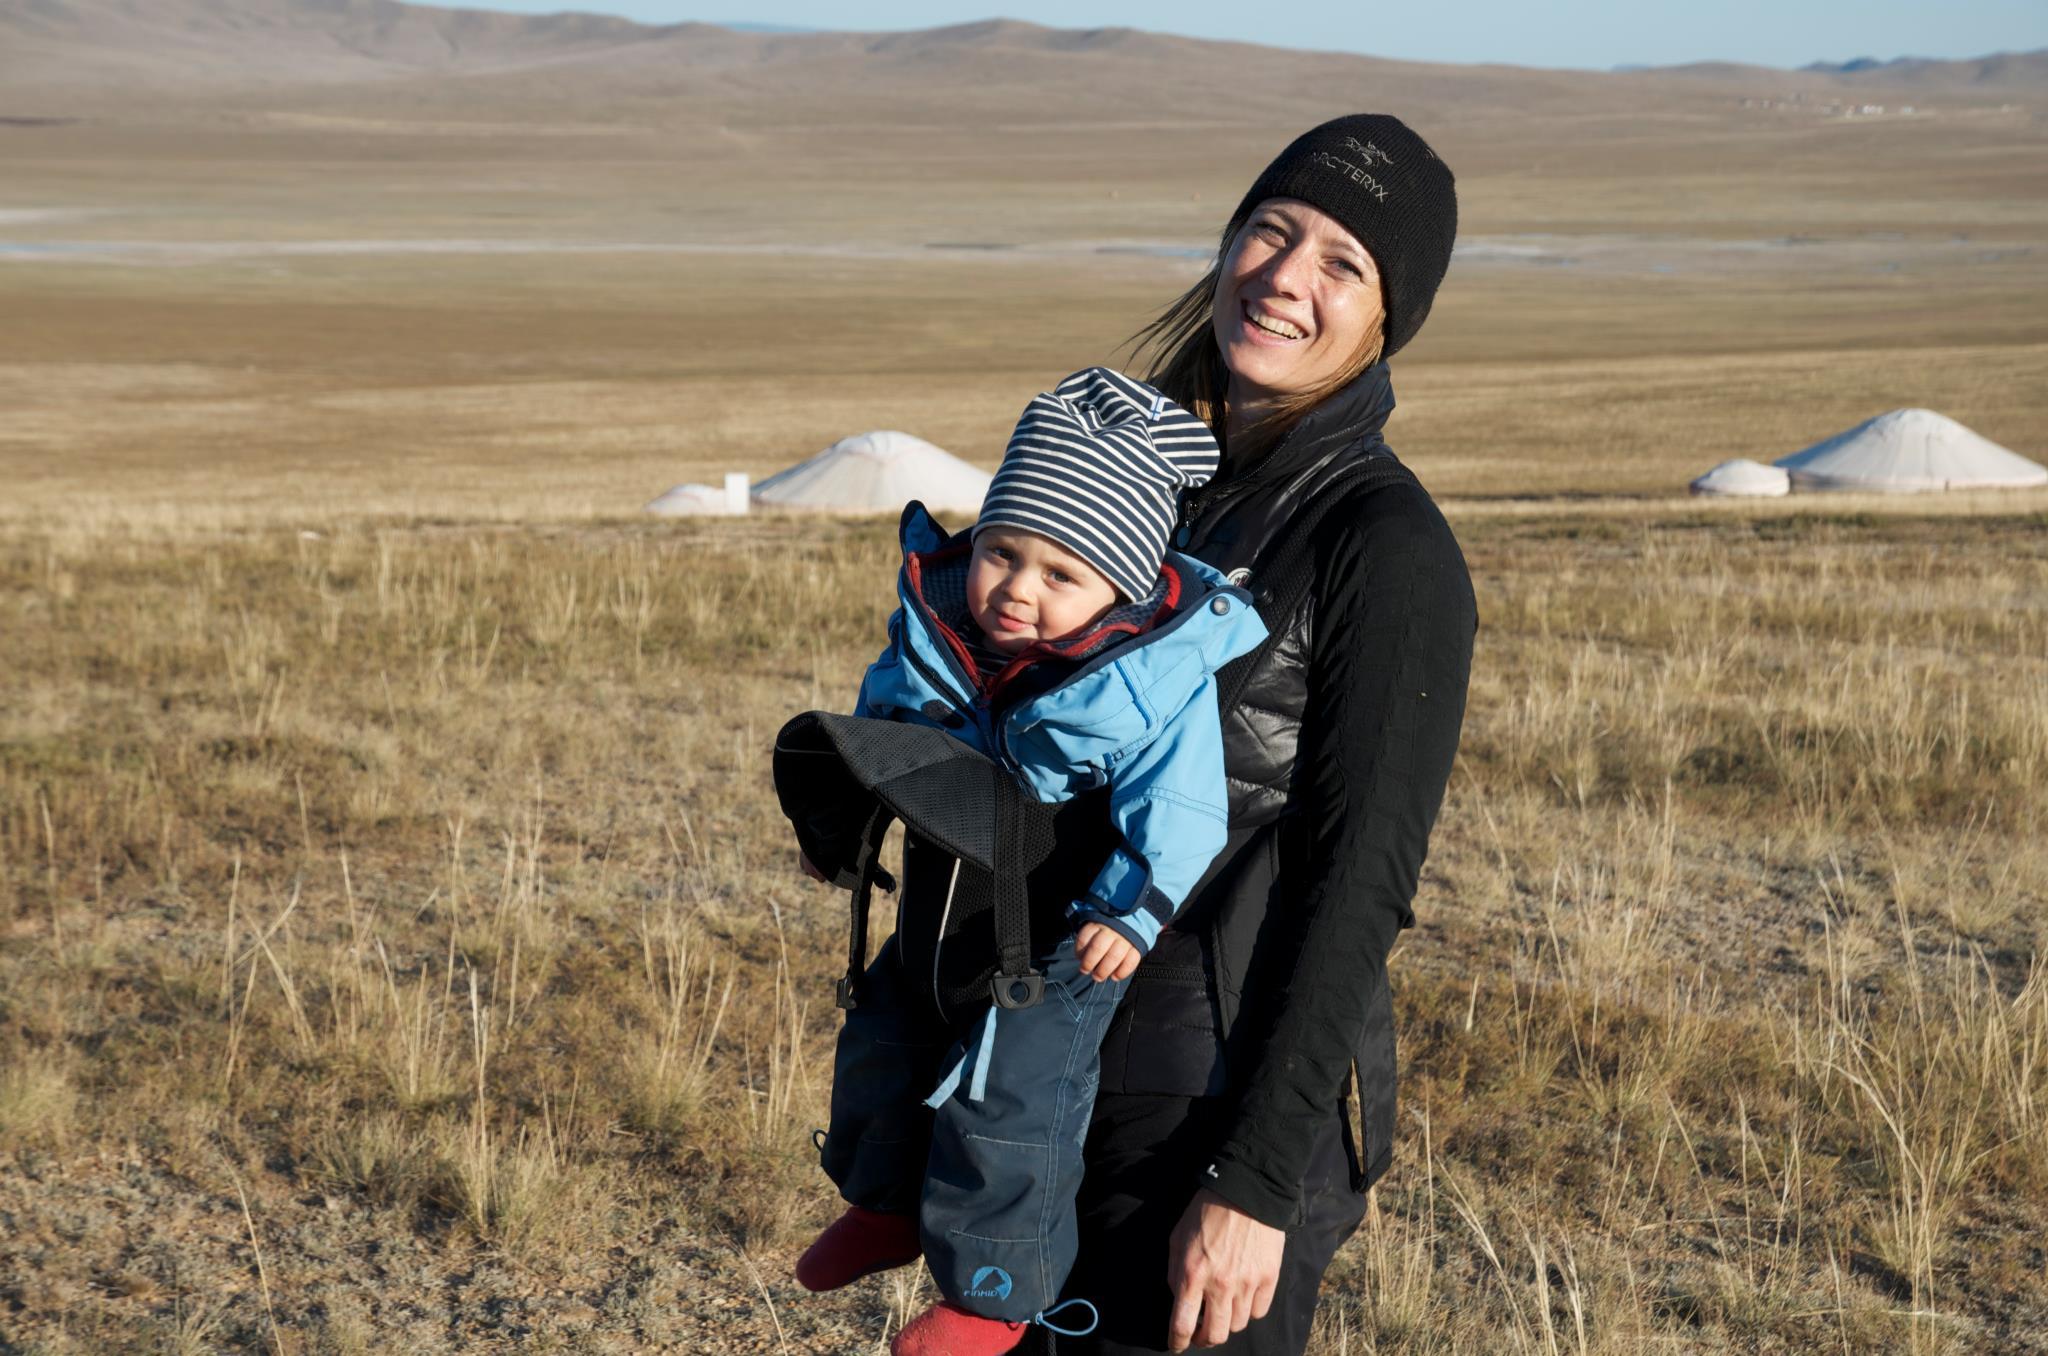 Ratgeber Fernreisen mit Kleinkindern 3